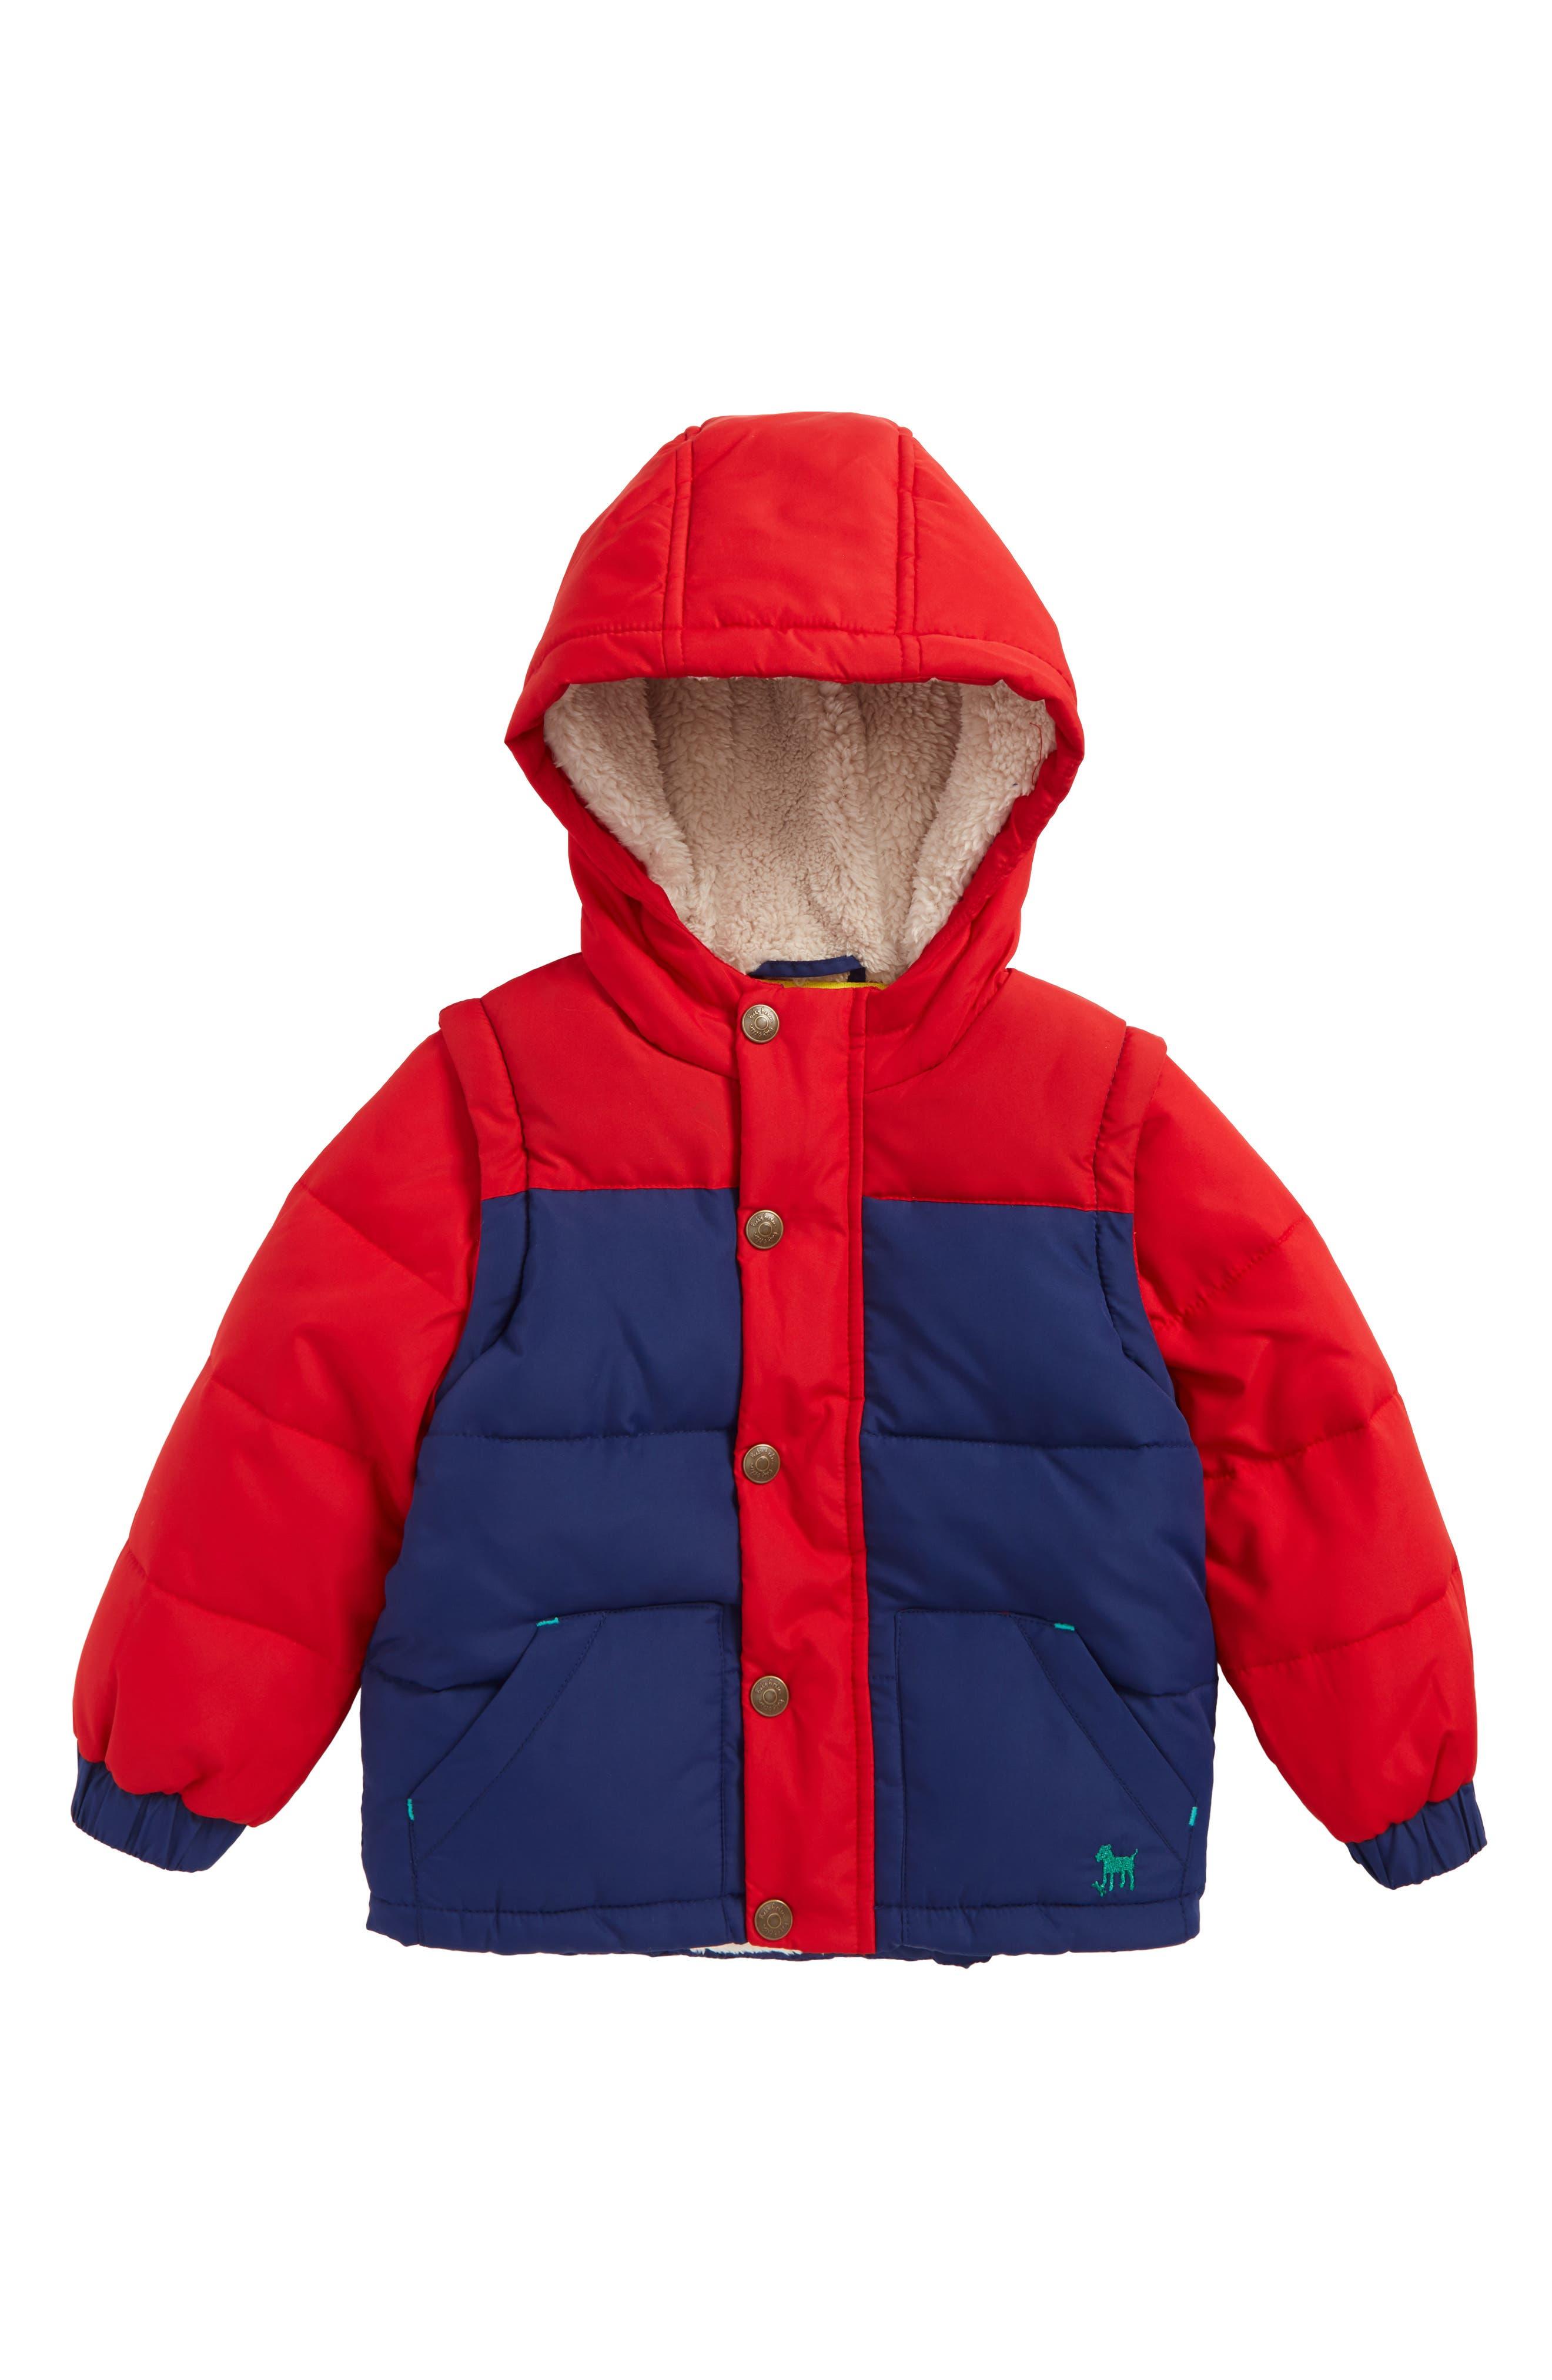 2-in-1 Cozy Jacket,                         Main,                         color, 614